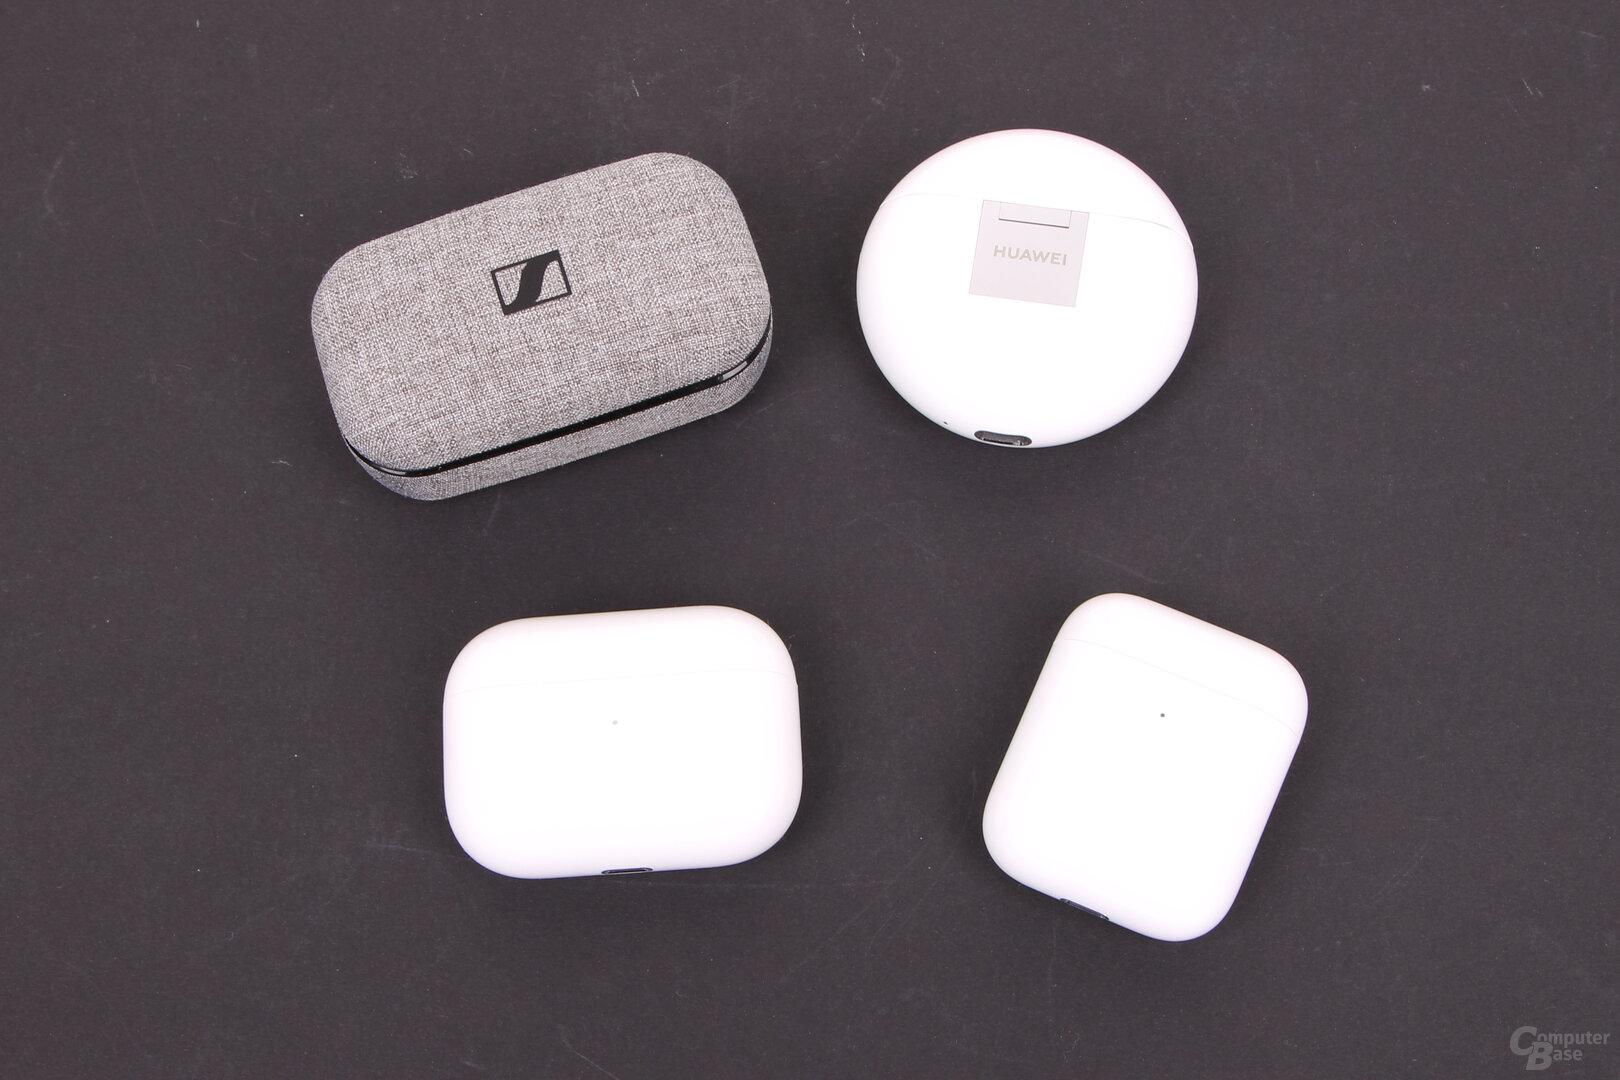 Ladecase der Apple AirPods Pro, AirPods, Sennheiser Momentum True Wireless und Huawei FreeBuds 3